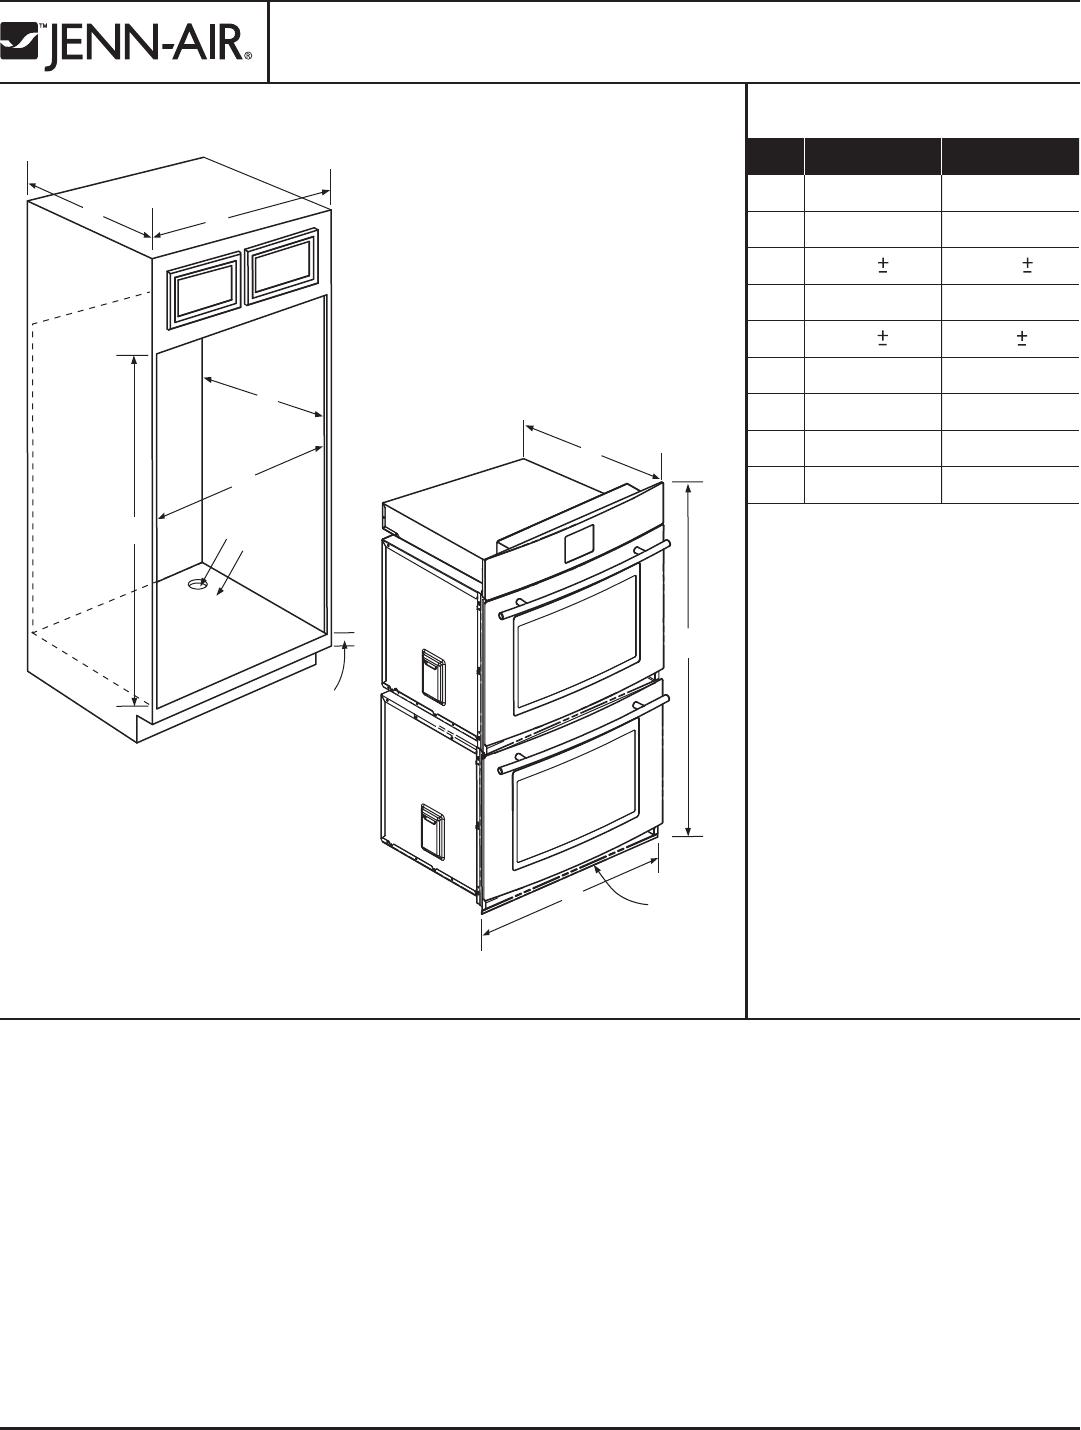 jenn air oven jjw9830ddb user guide